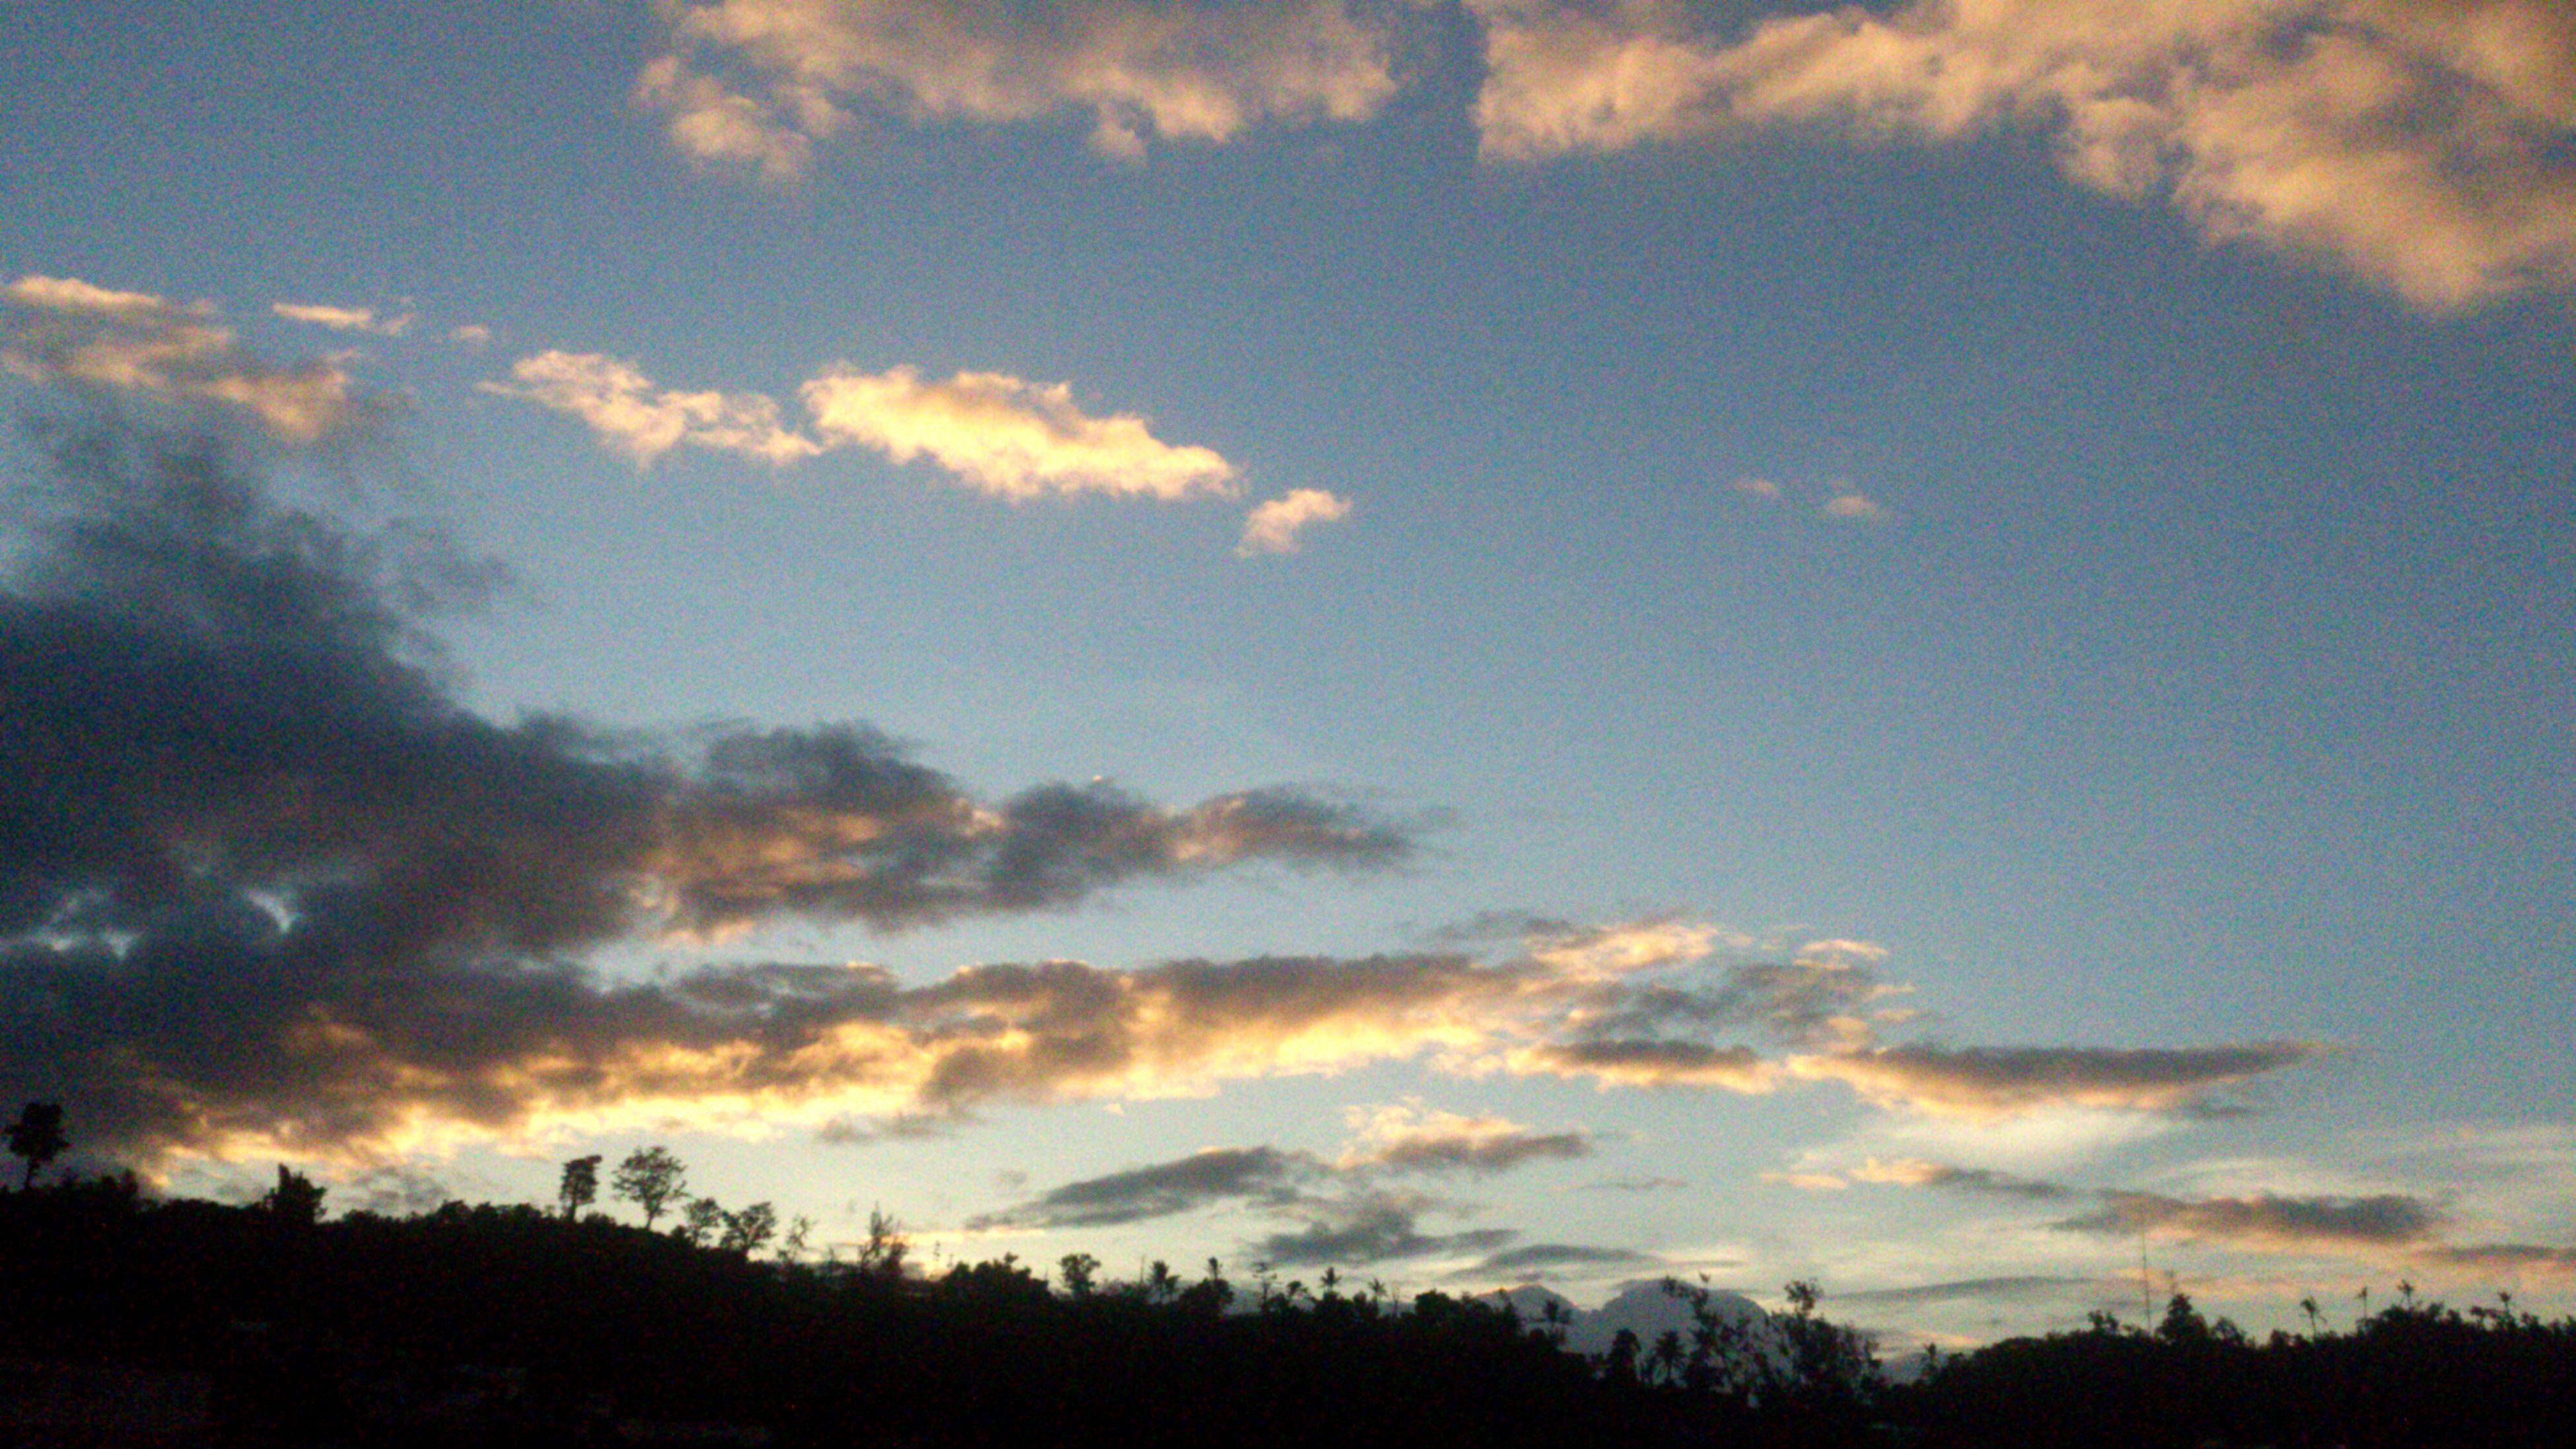 Ocean Of Clouds, Sky. First Eyeem Photo